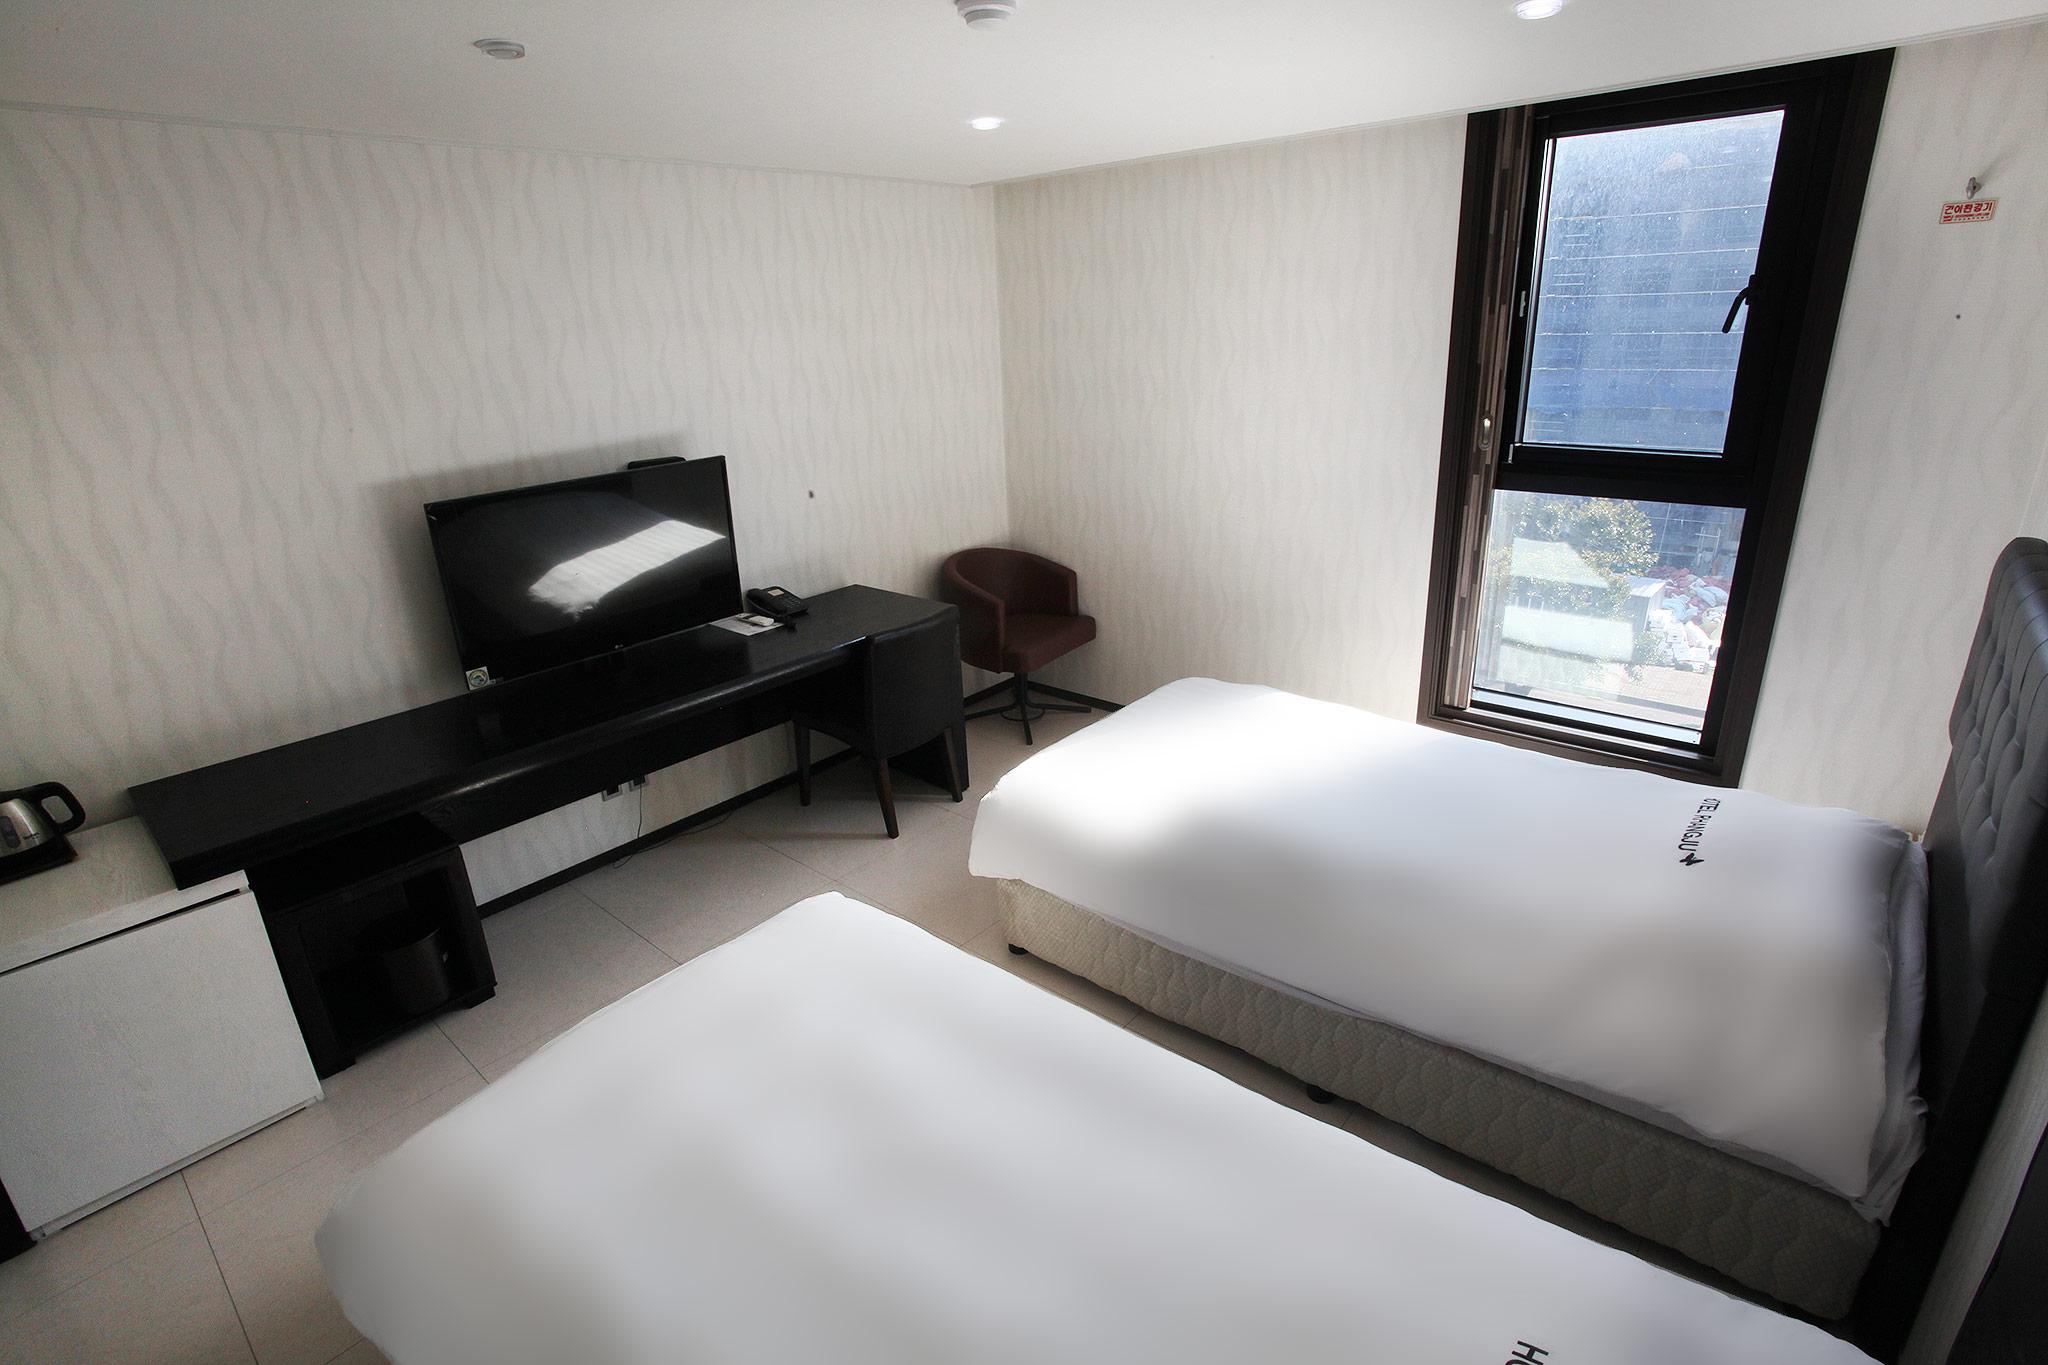 서귀포 호텔 랑주 썸네일5